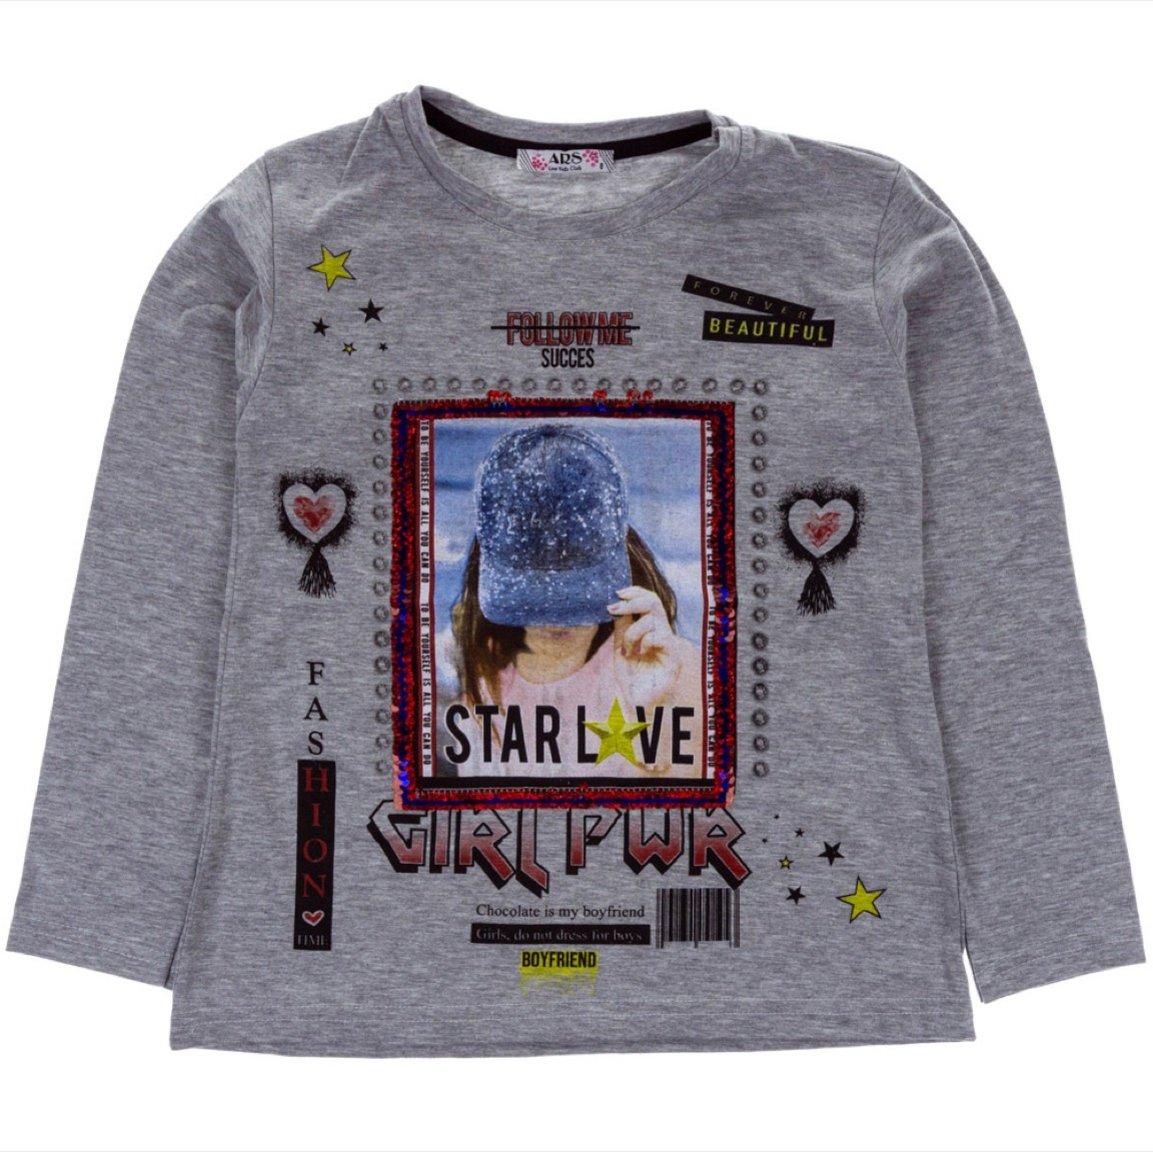 ARS παιδική εποχιακή μπλούζα «Girl Power»